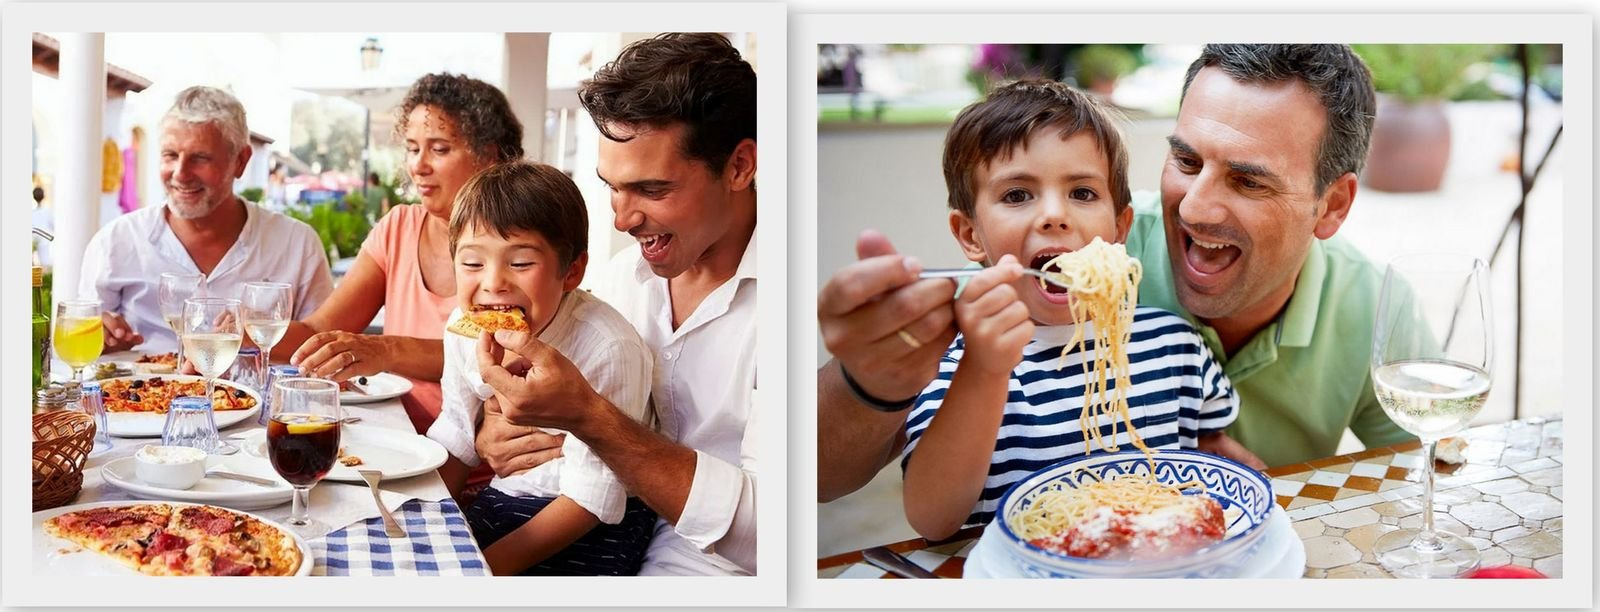 Итальянский мужчина хороший семьянин